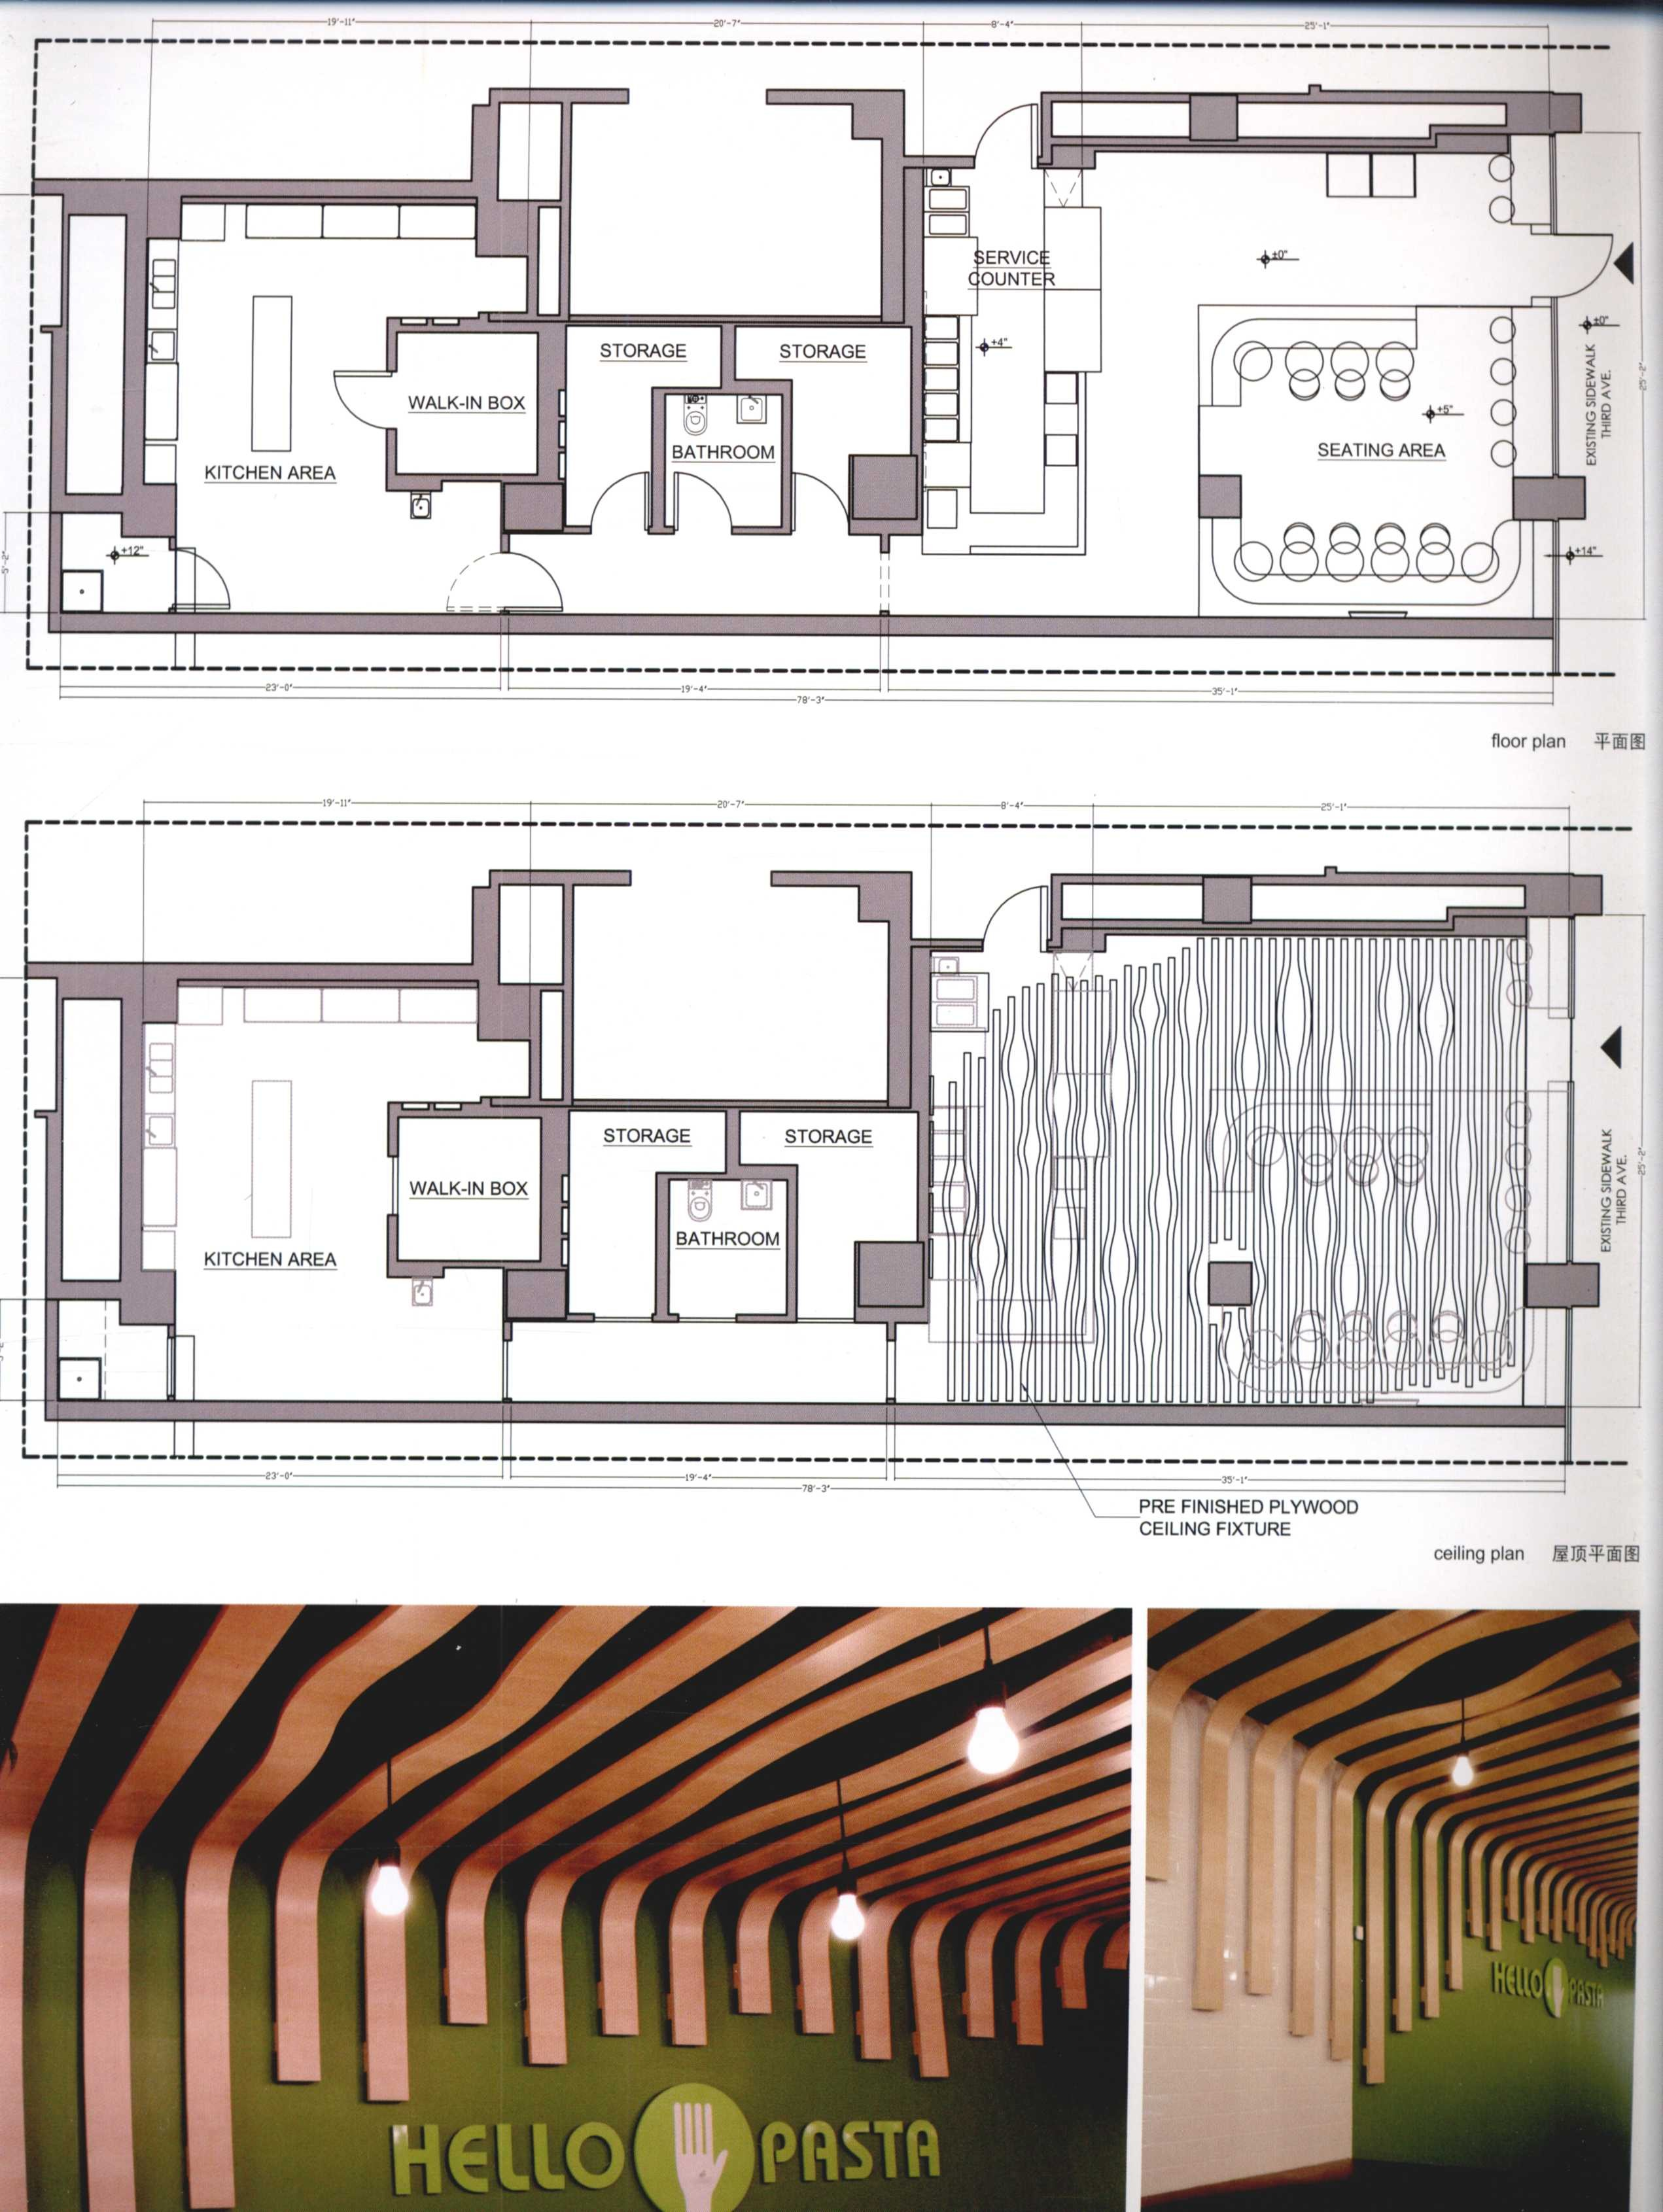 2012全球室内设计年鉴  餐饮_Page_059.jpg